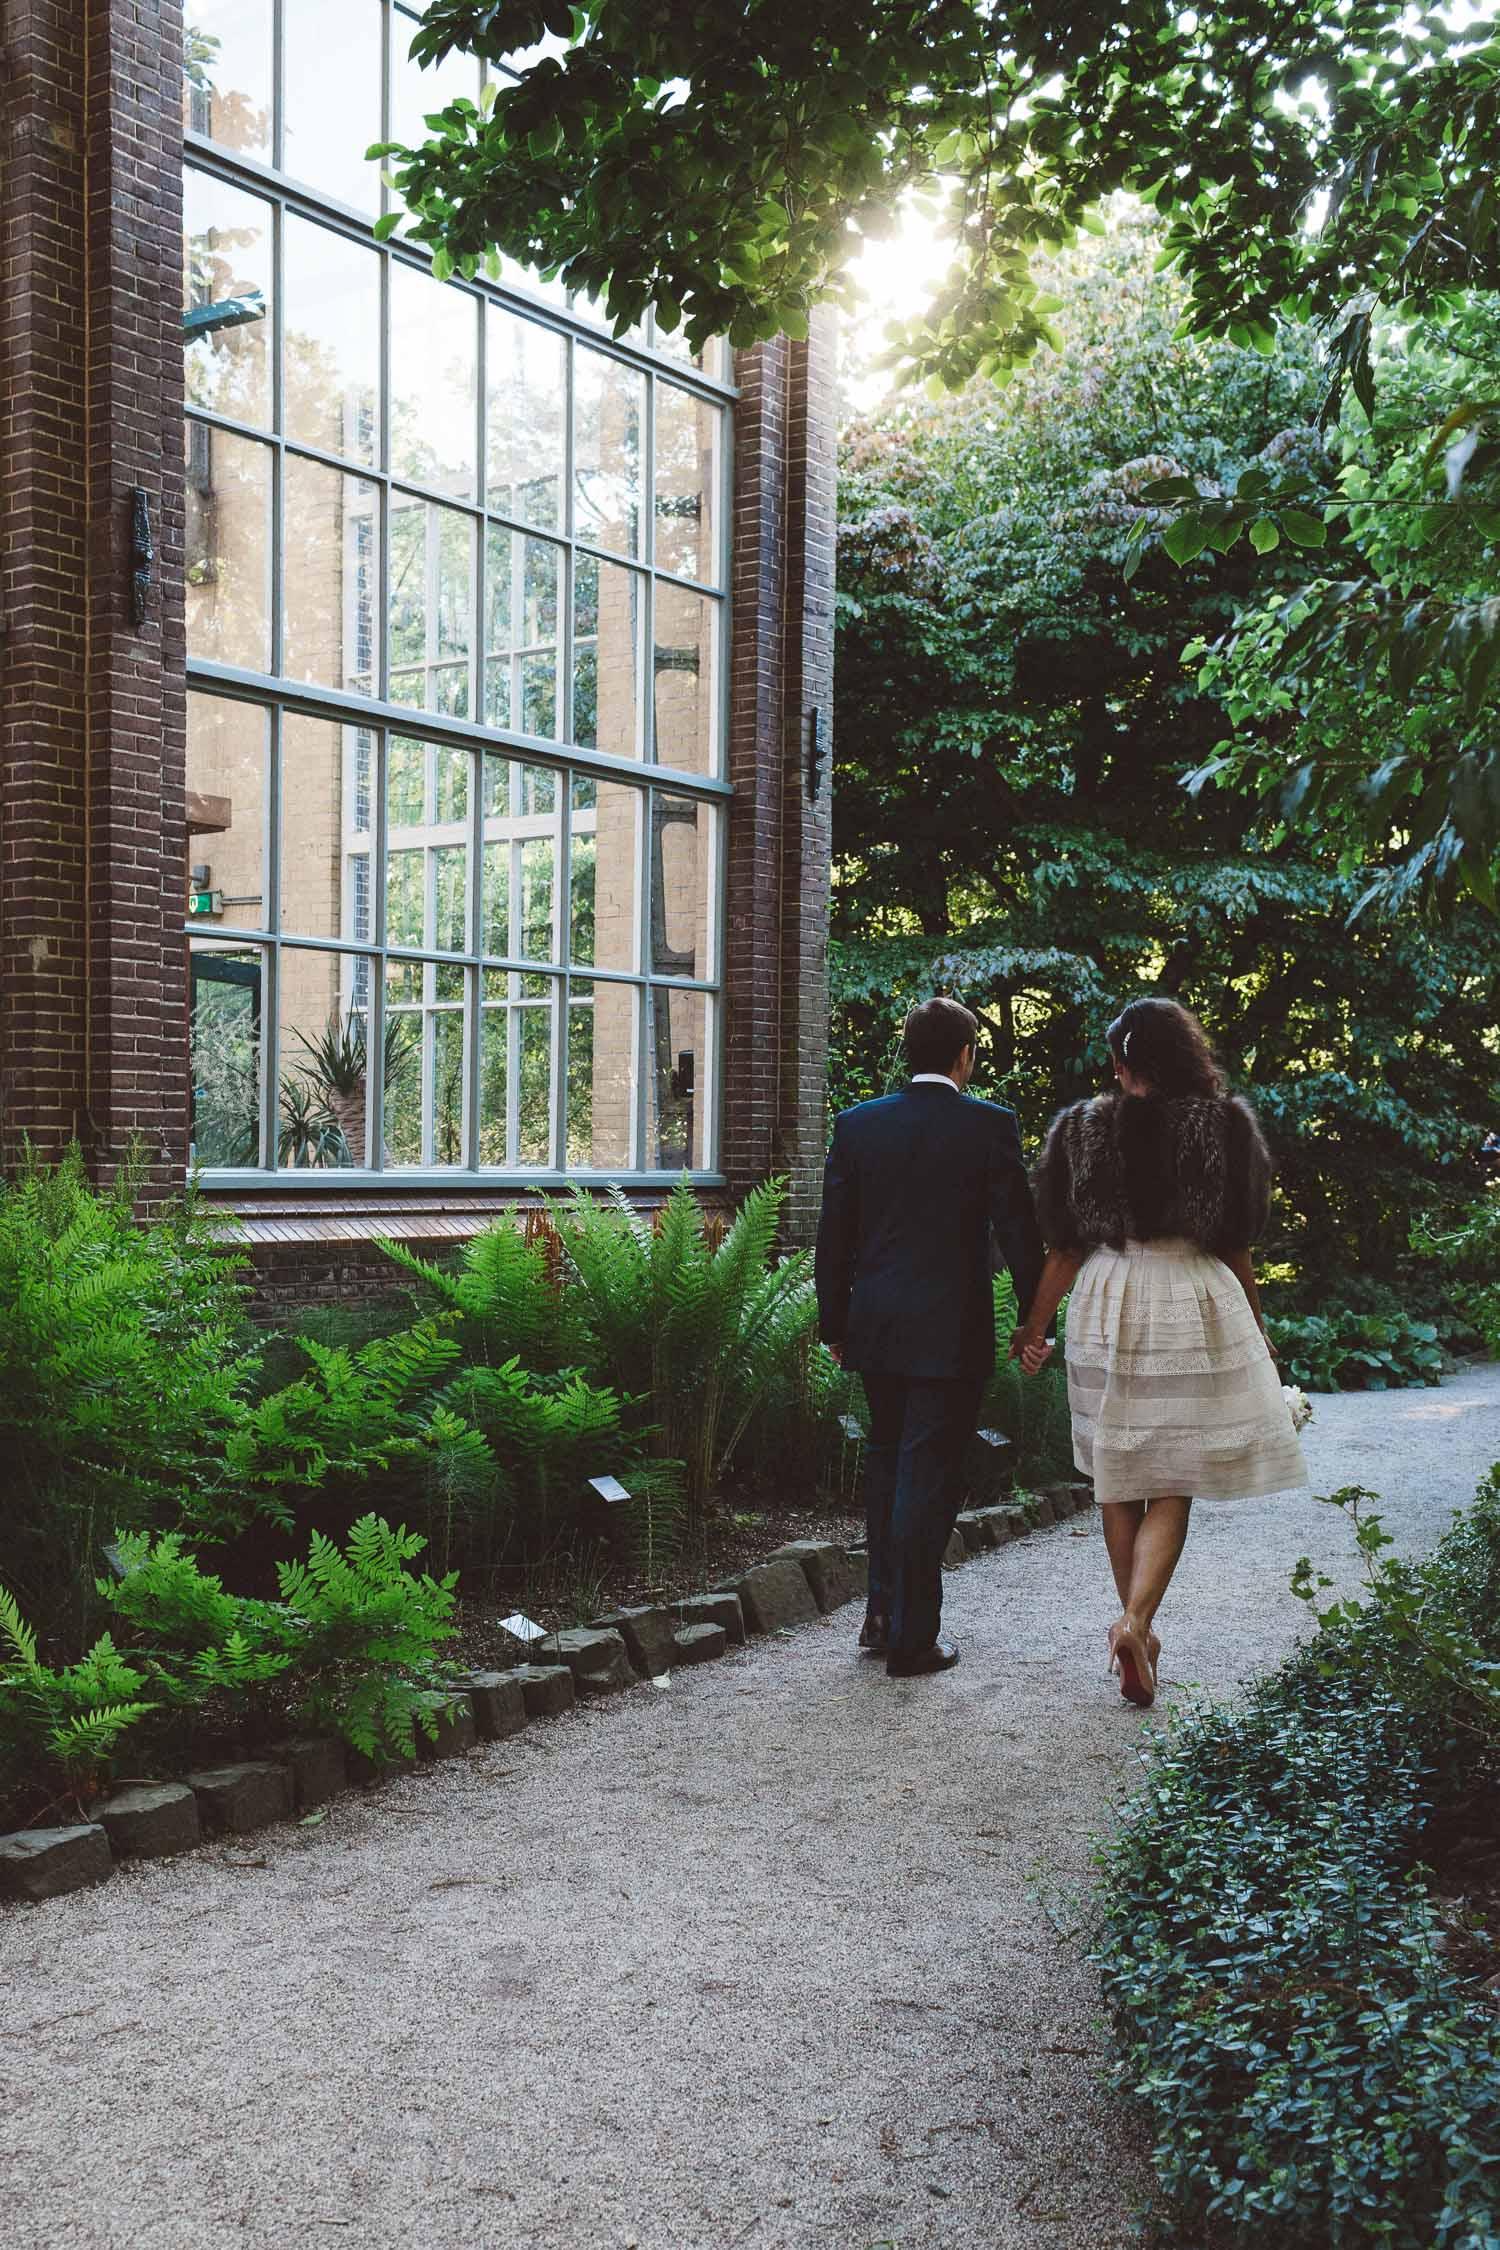 Wedding-photography-trouwfotografie-huwelijksfotograaf-Hortus-Botanicus-Amsterdam-On-a-hazy-morning-28.jpg